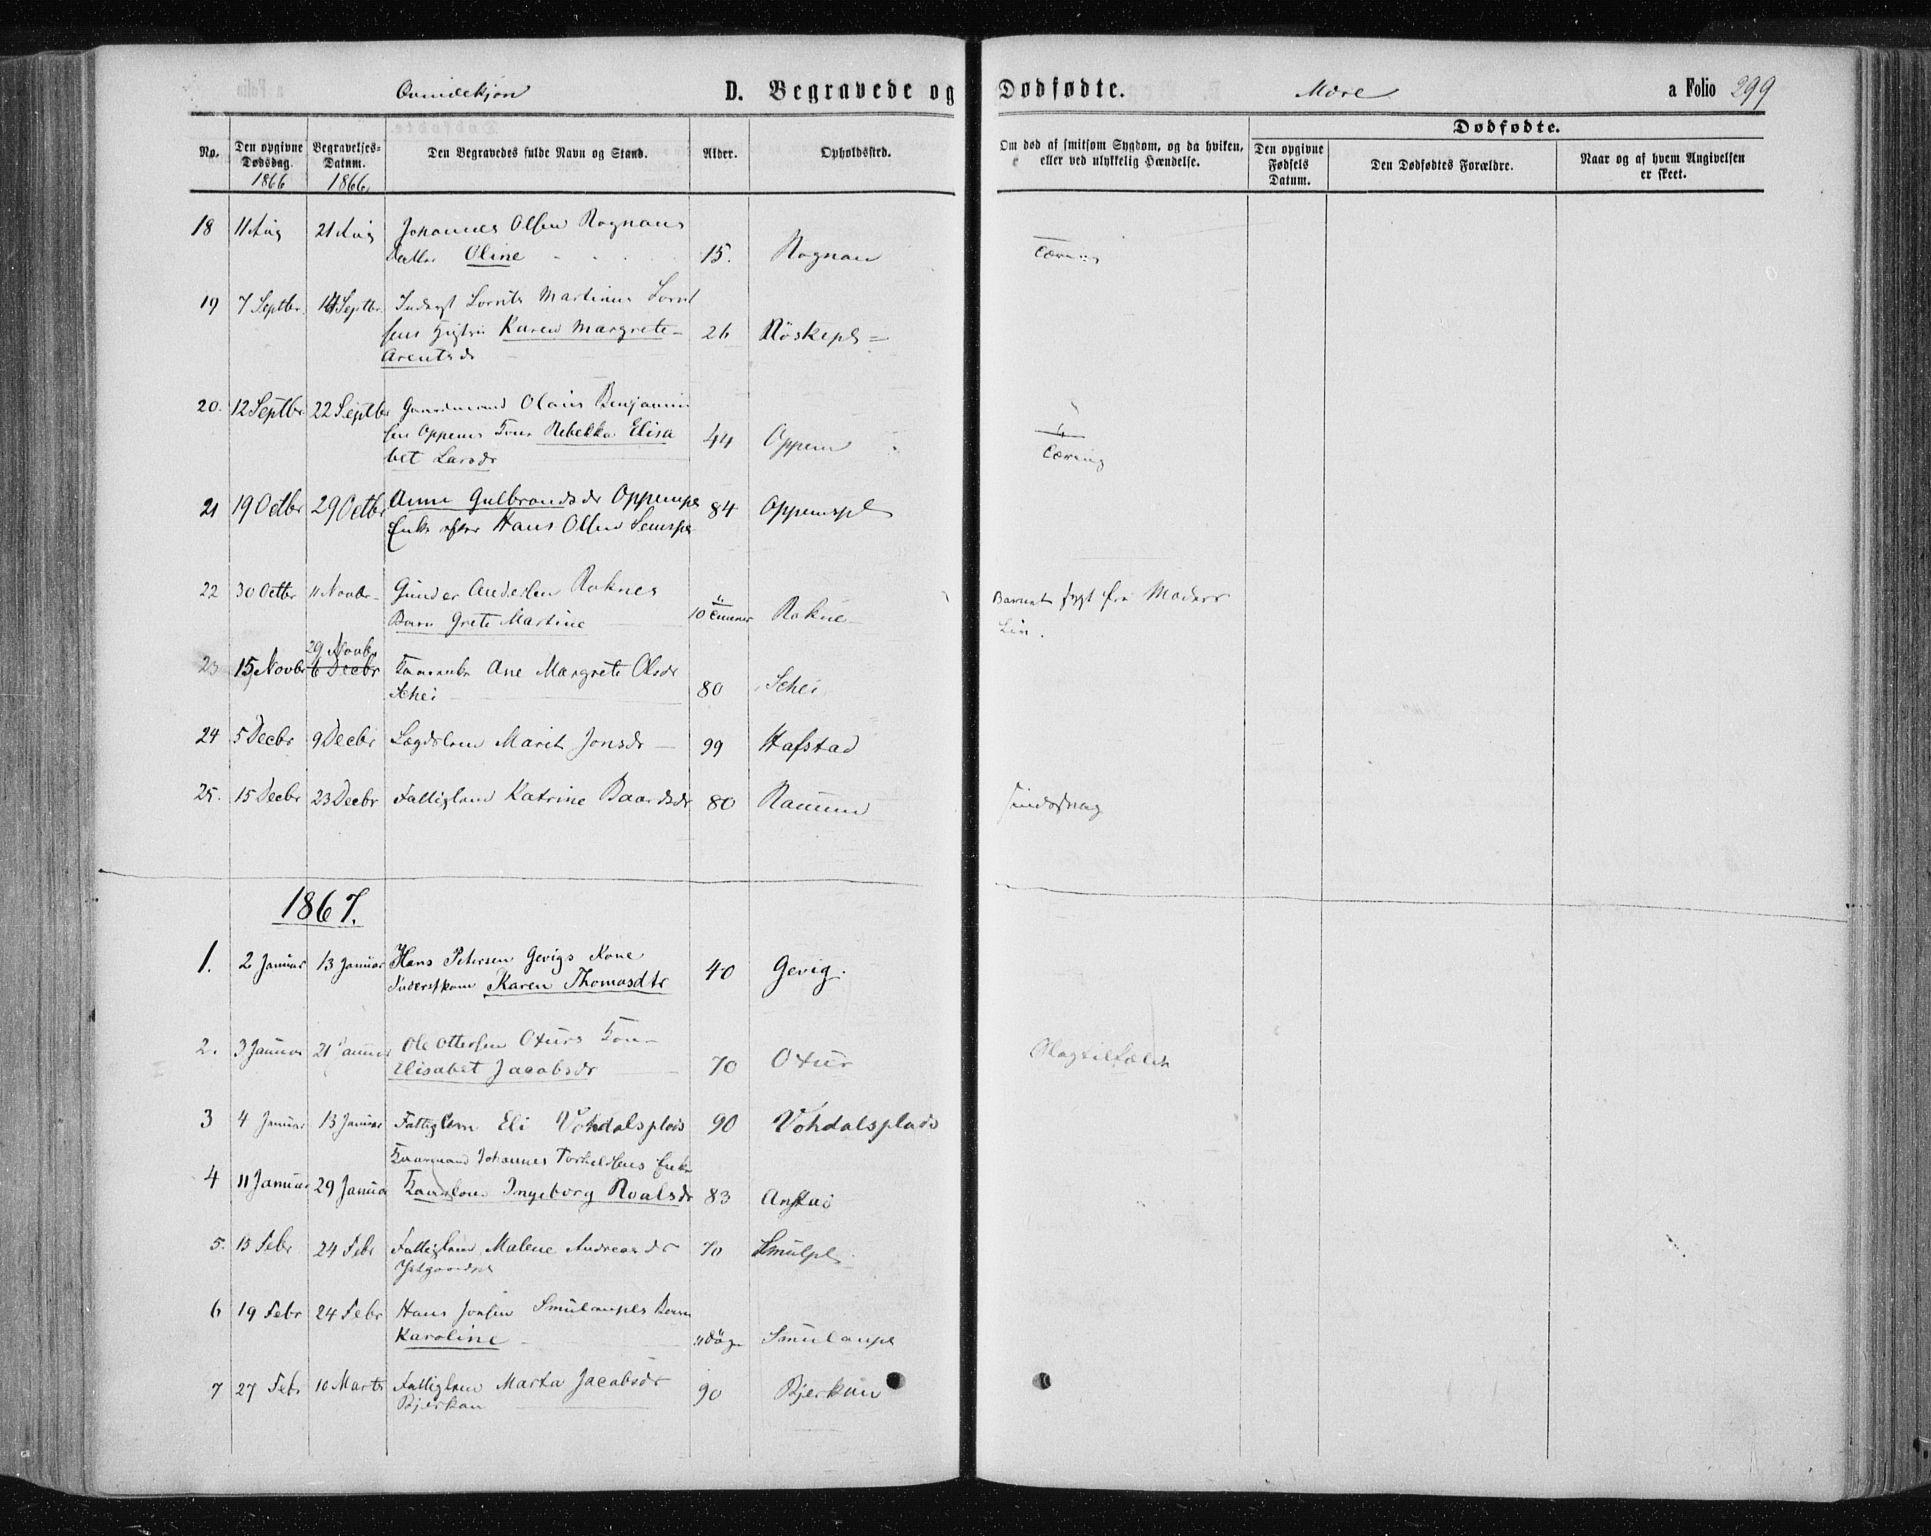 SAT, Ministerialprotokoller, klokkerbøker og fødselsregistre - Nord-Trøndelag, 735/L0345: Ministerialbok nr. 735A08 /1, 1863-1872, s. 299